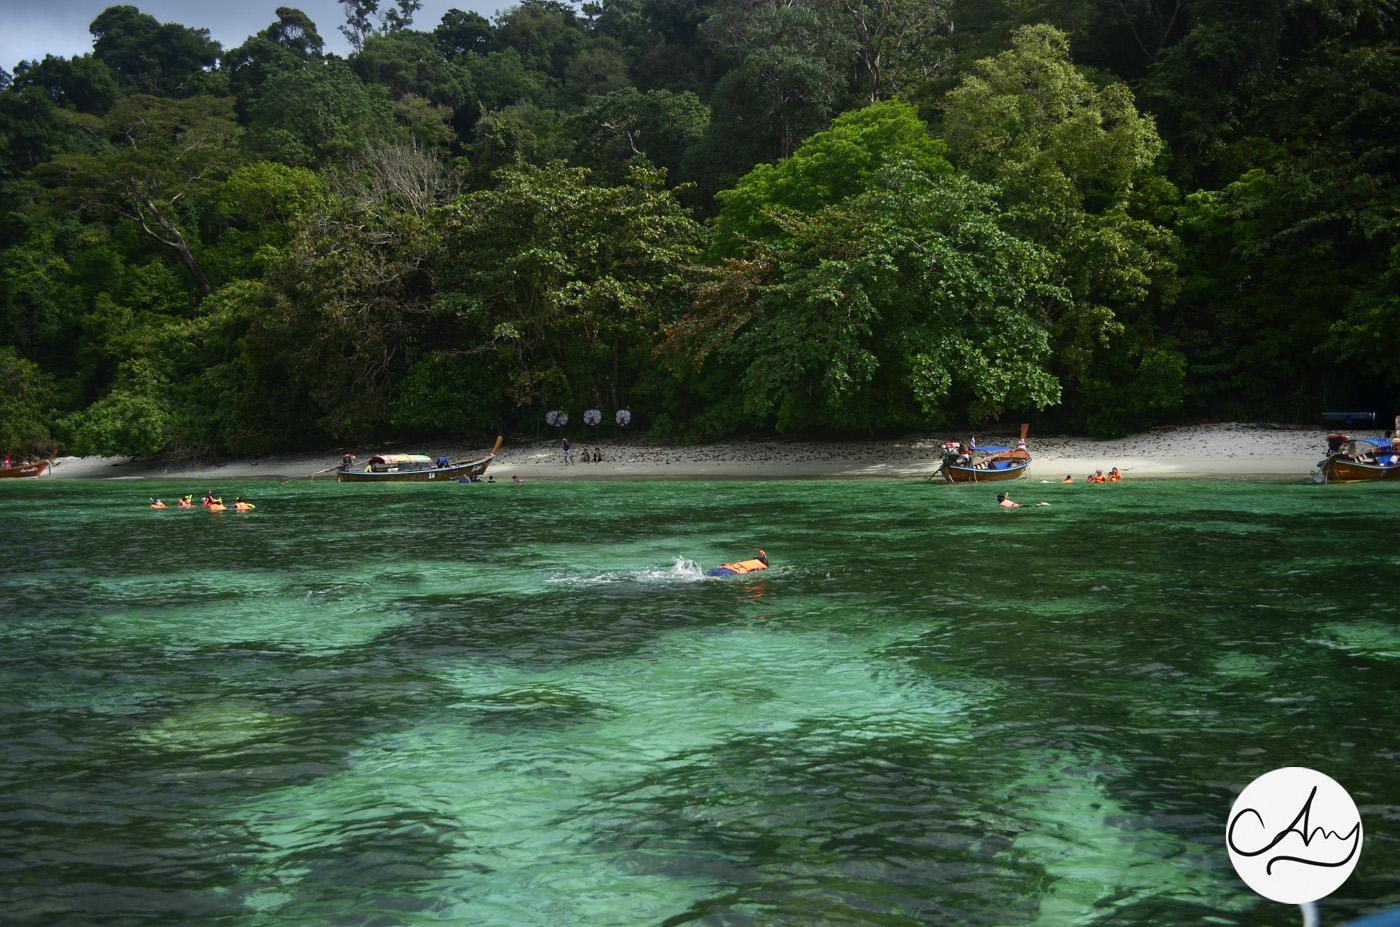 เที่ยวอันดามัน เกาะอาดัง ราวี หลีเป๊ะ สตูล ทะเลอันดามัน